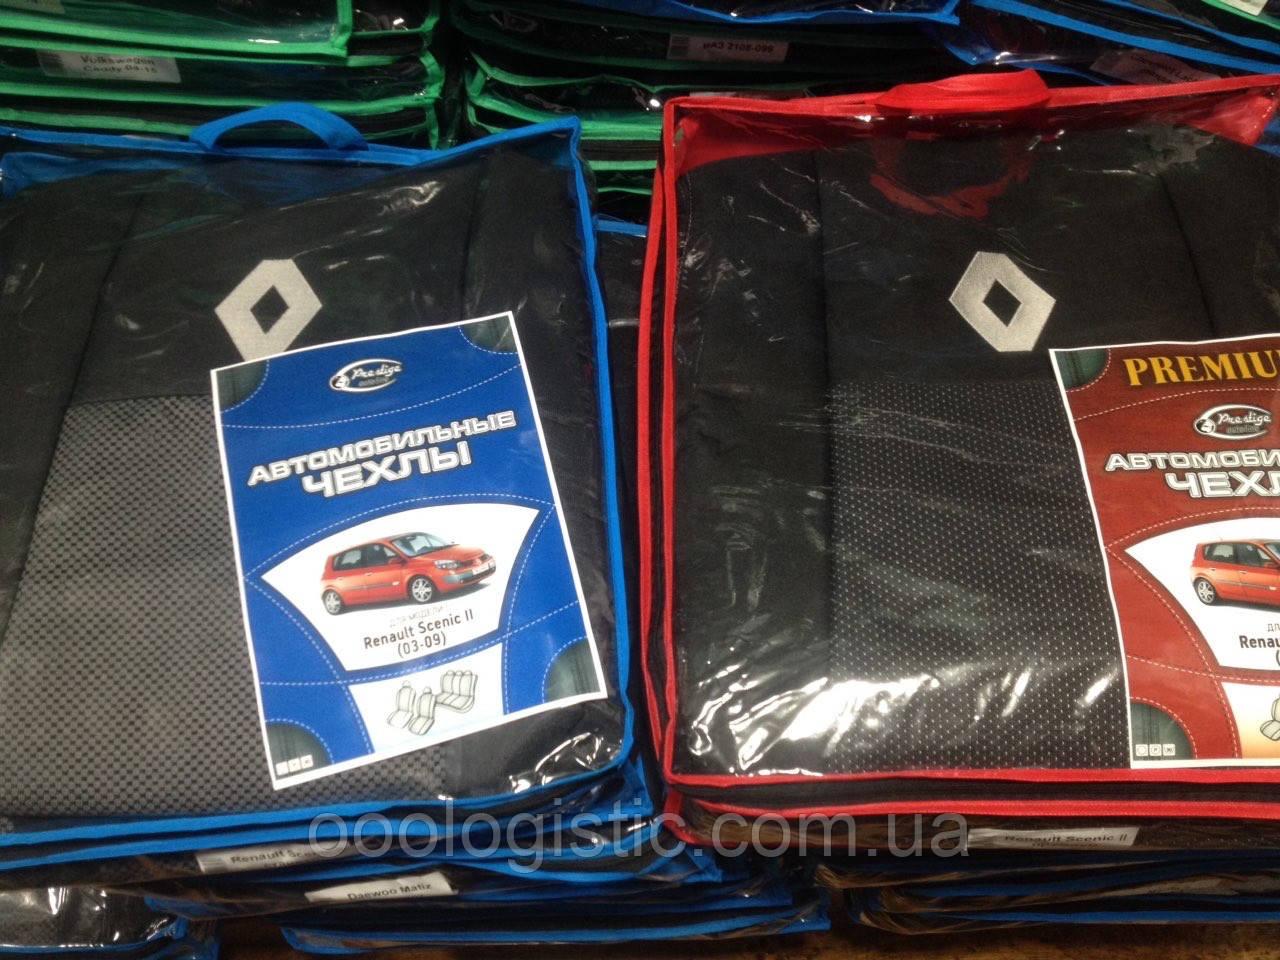 Авточехлы на Renault Scenic 2 2003-2009 Prestige, Рено Сценик 2